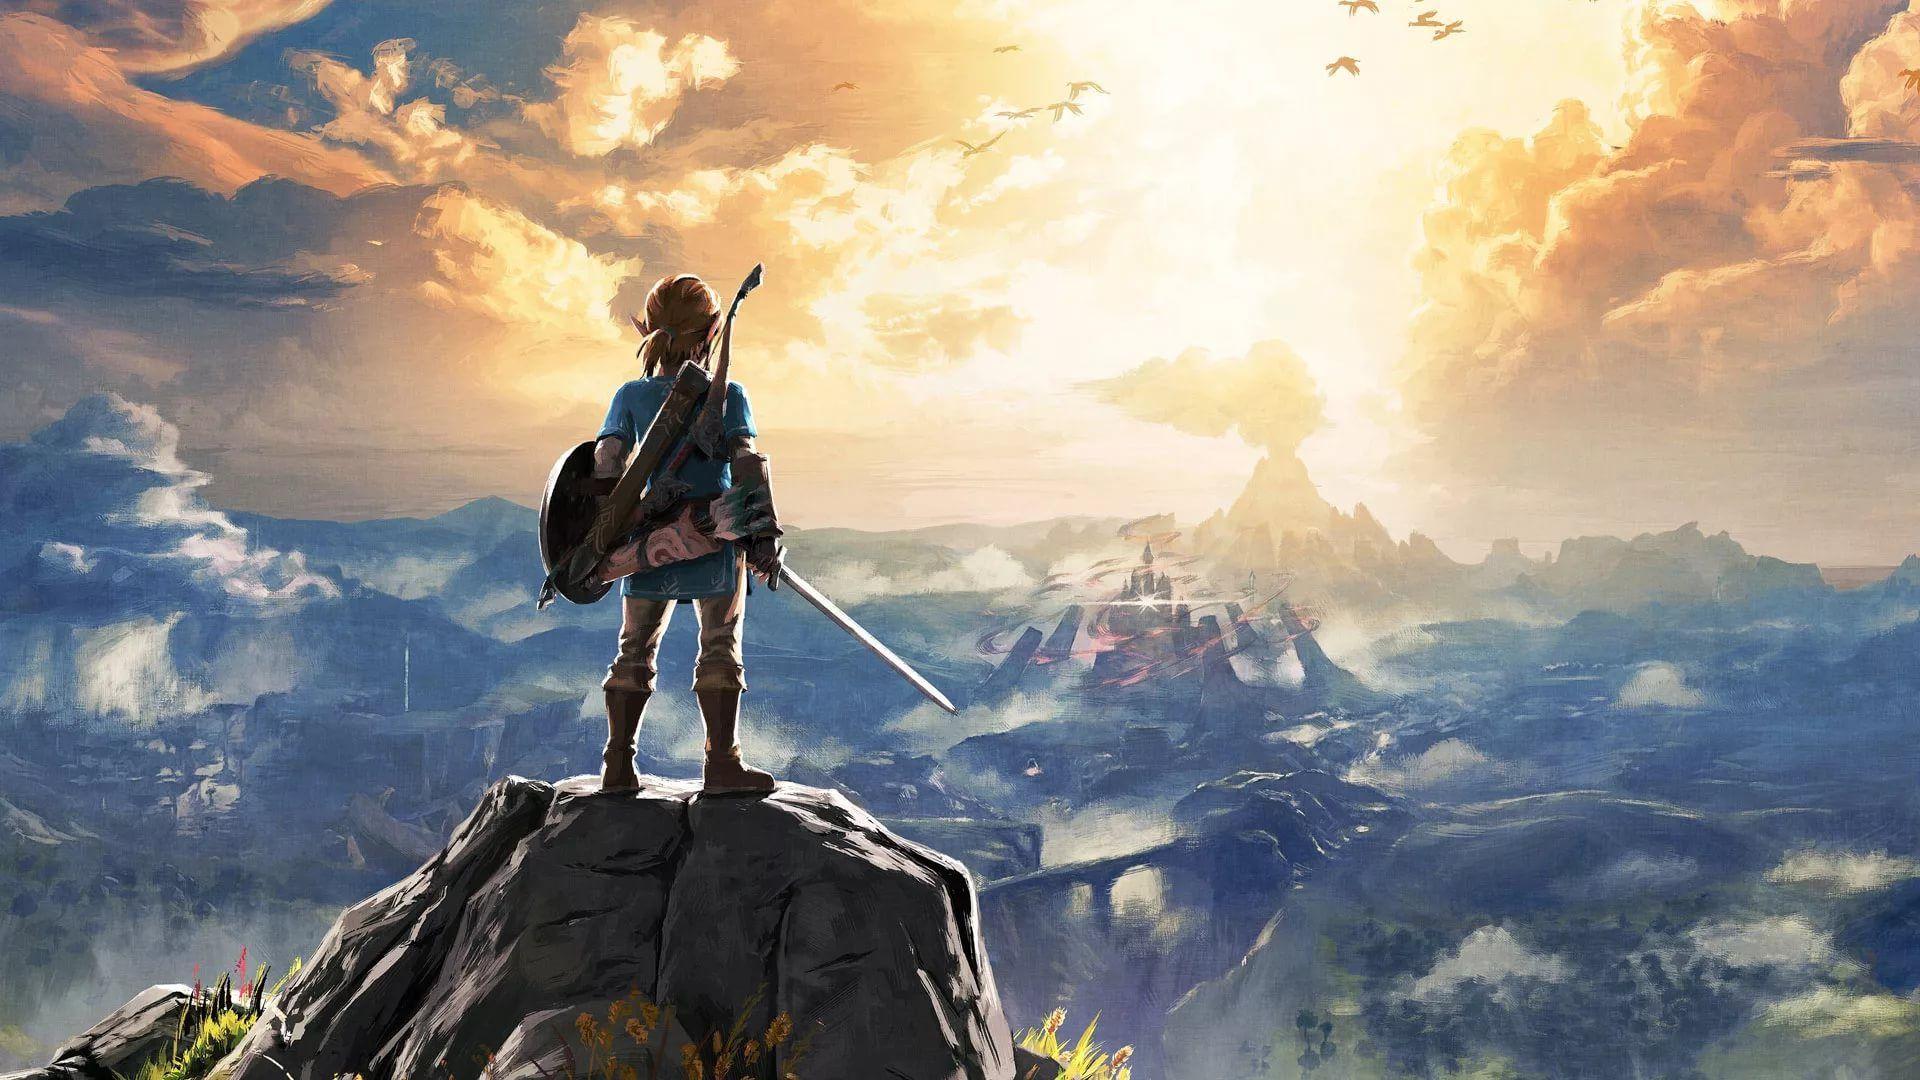 Zelda Live wallpaper download